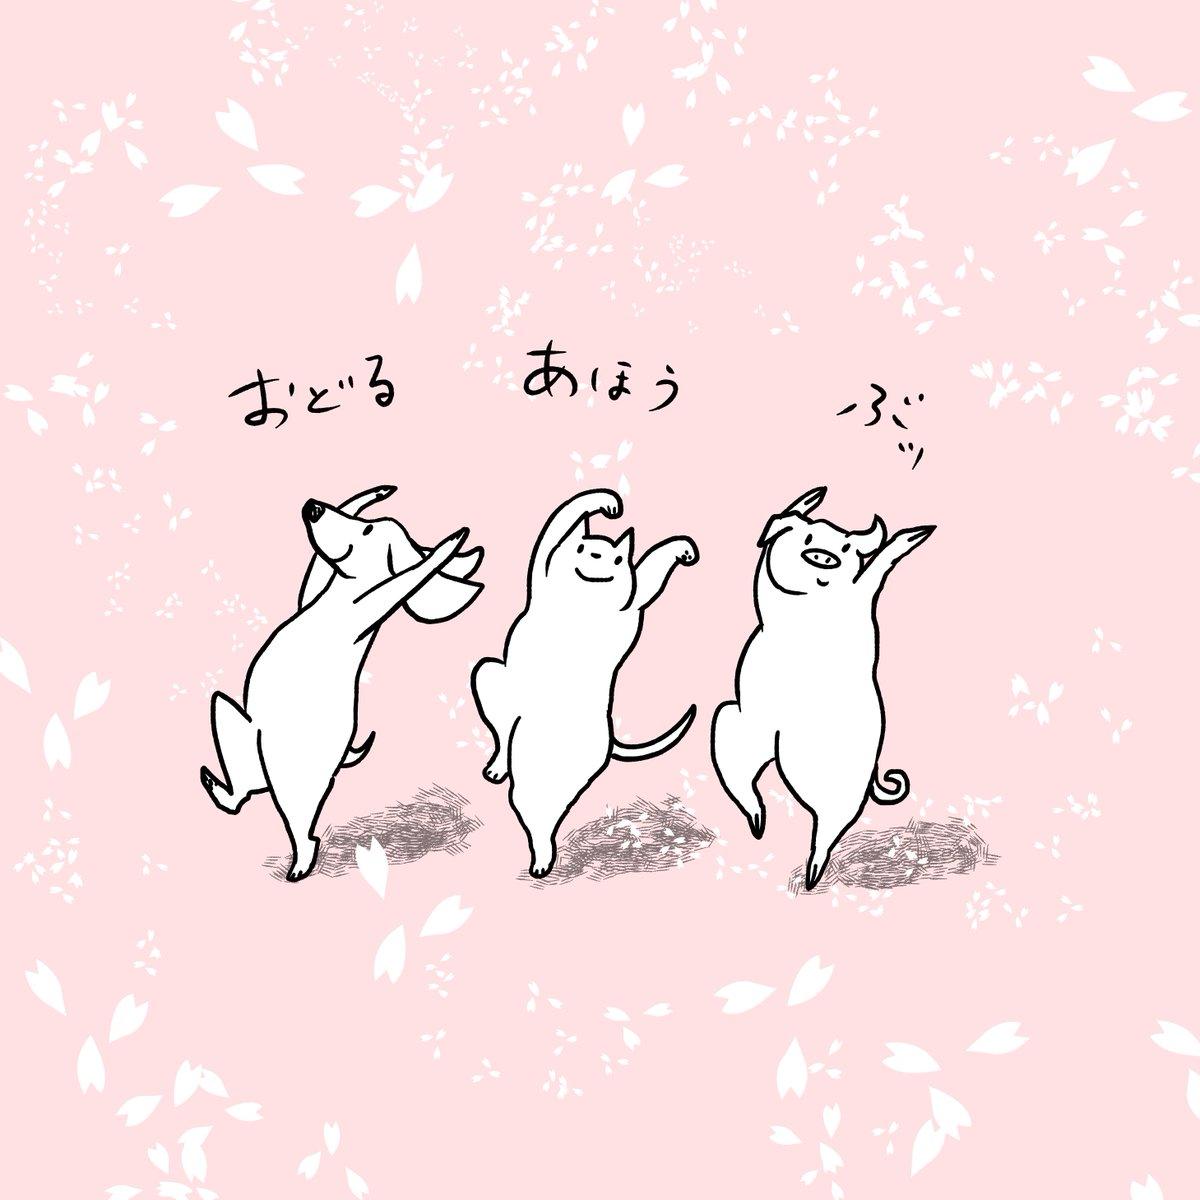 """石川ともこ on twitter: """"しんどいこともあるけれど今週は踊りながら"""